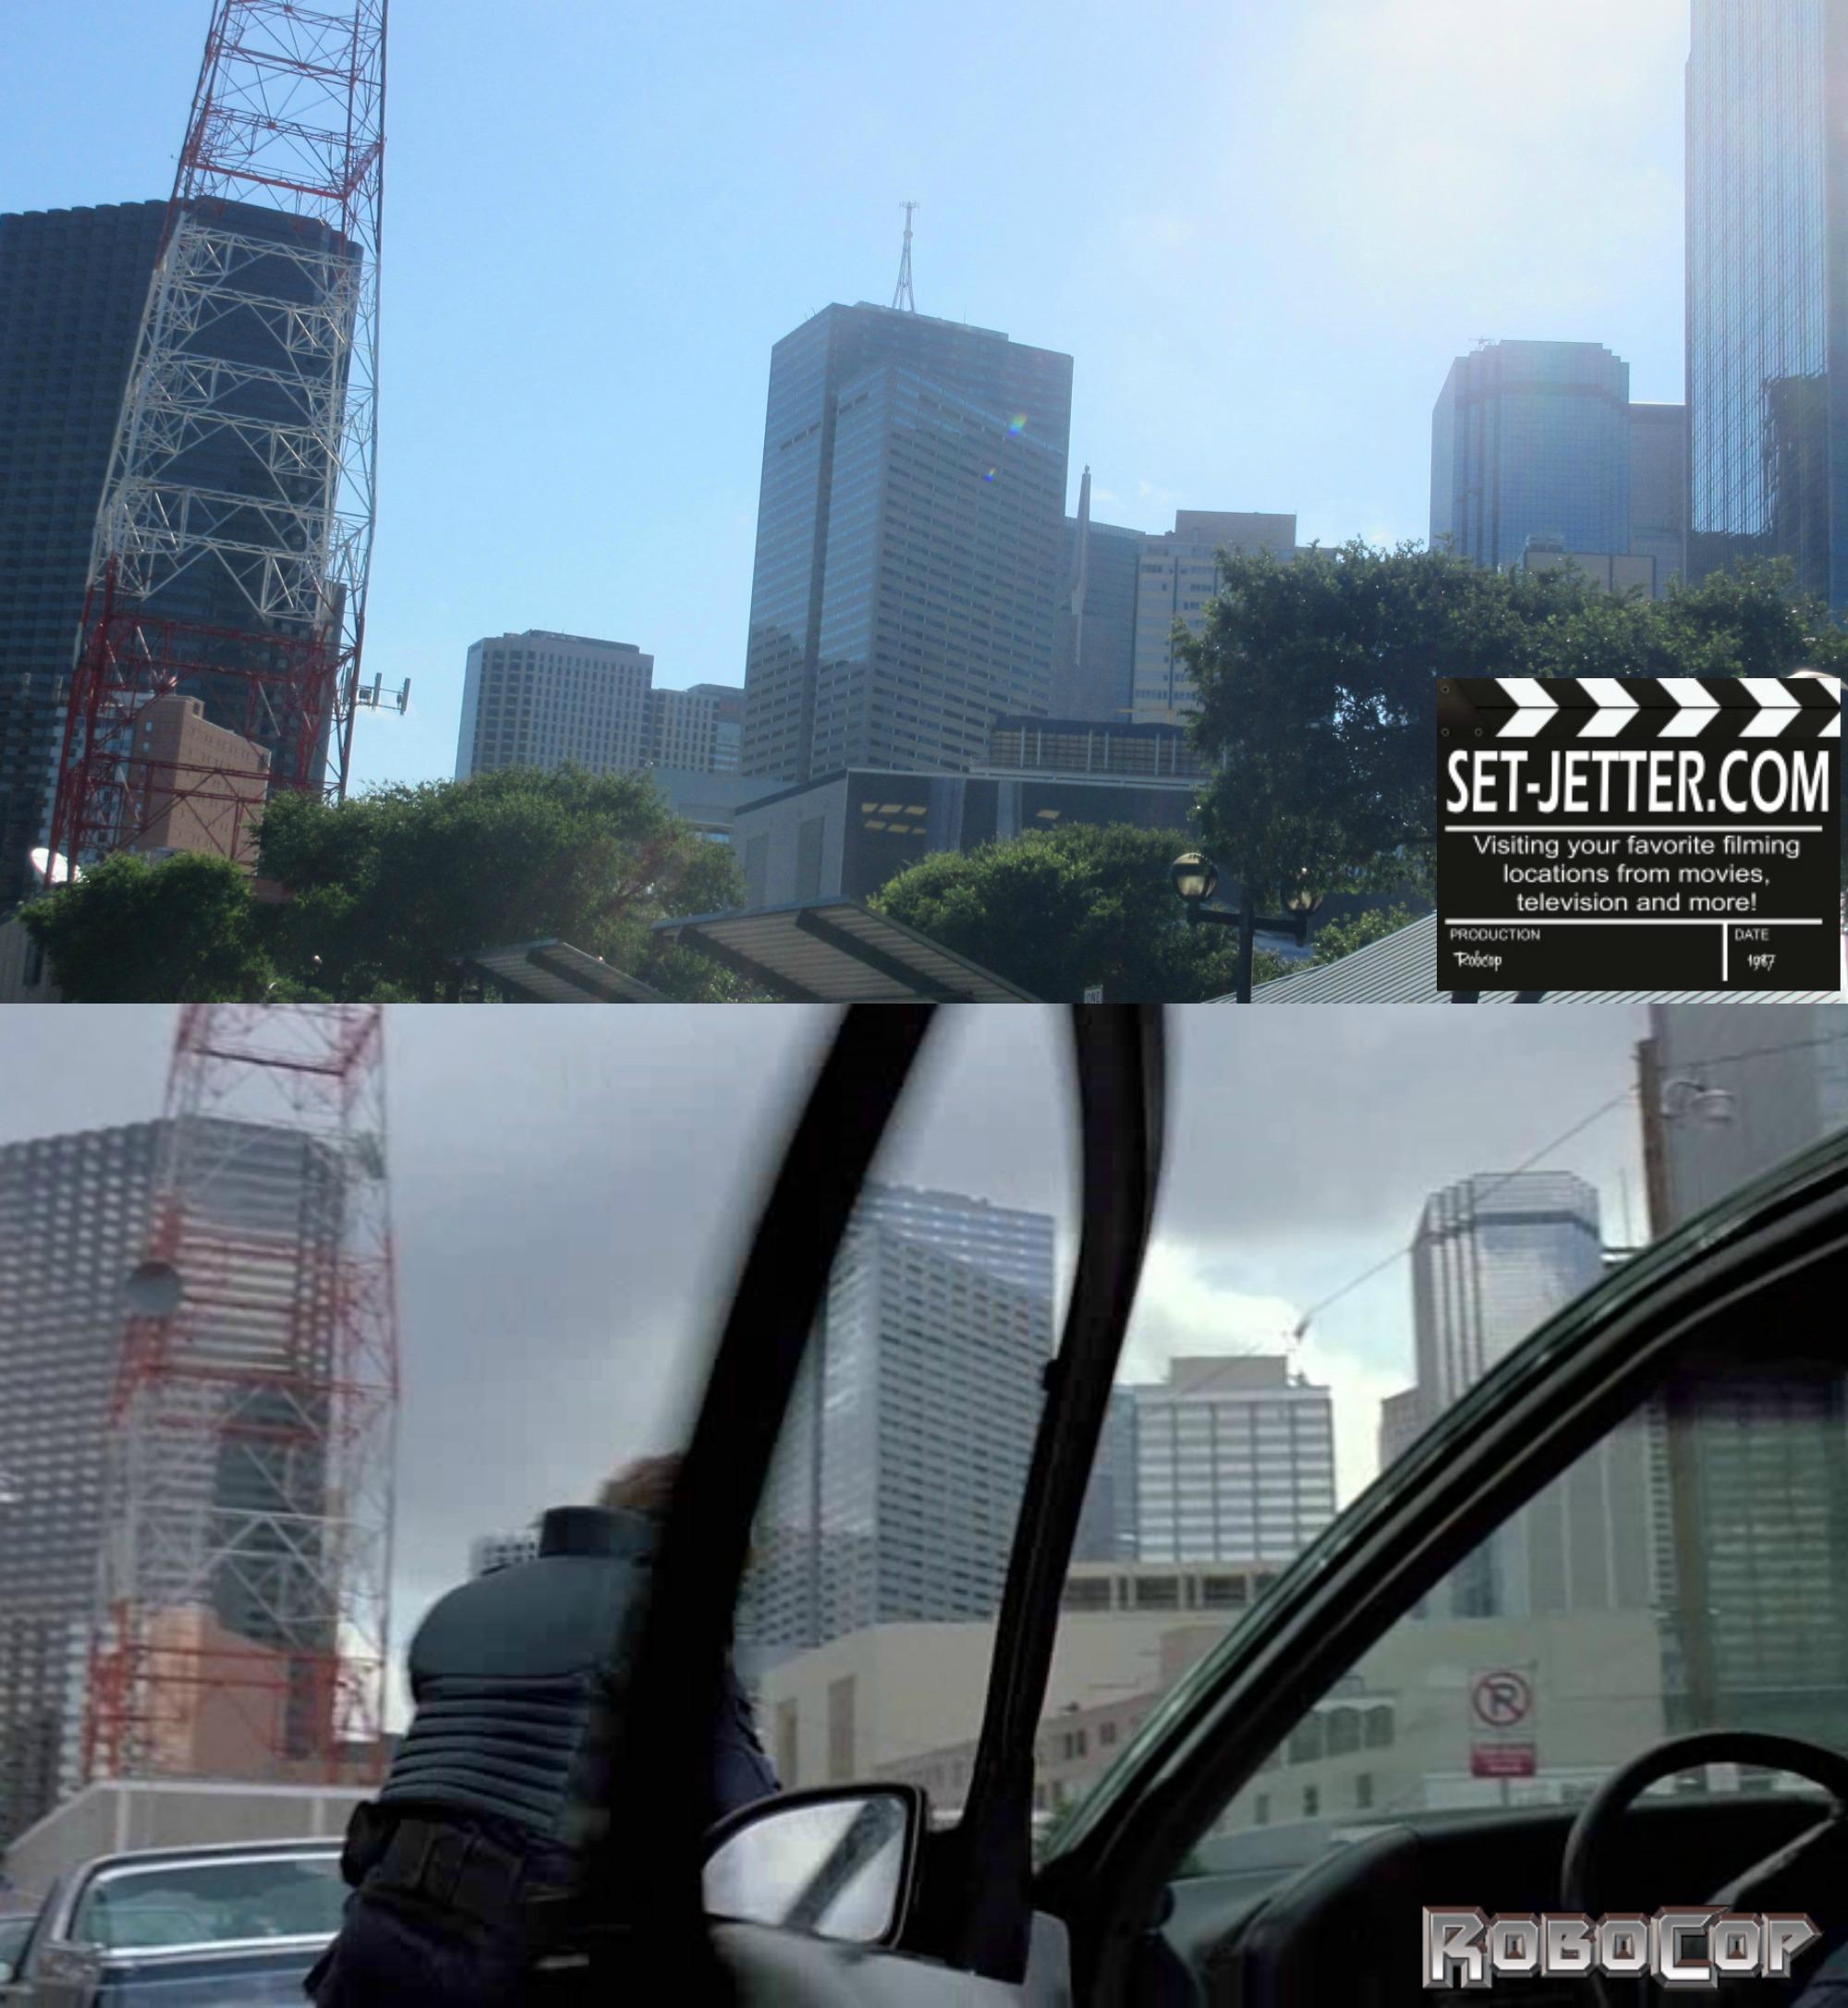 Robocop comparison 41.jpg